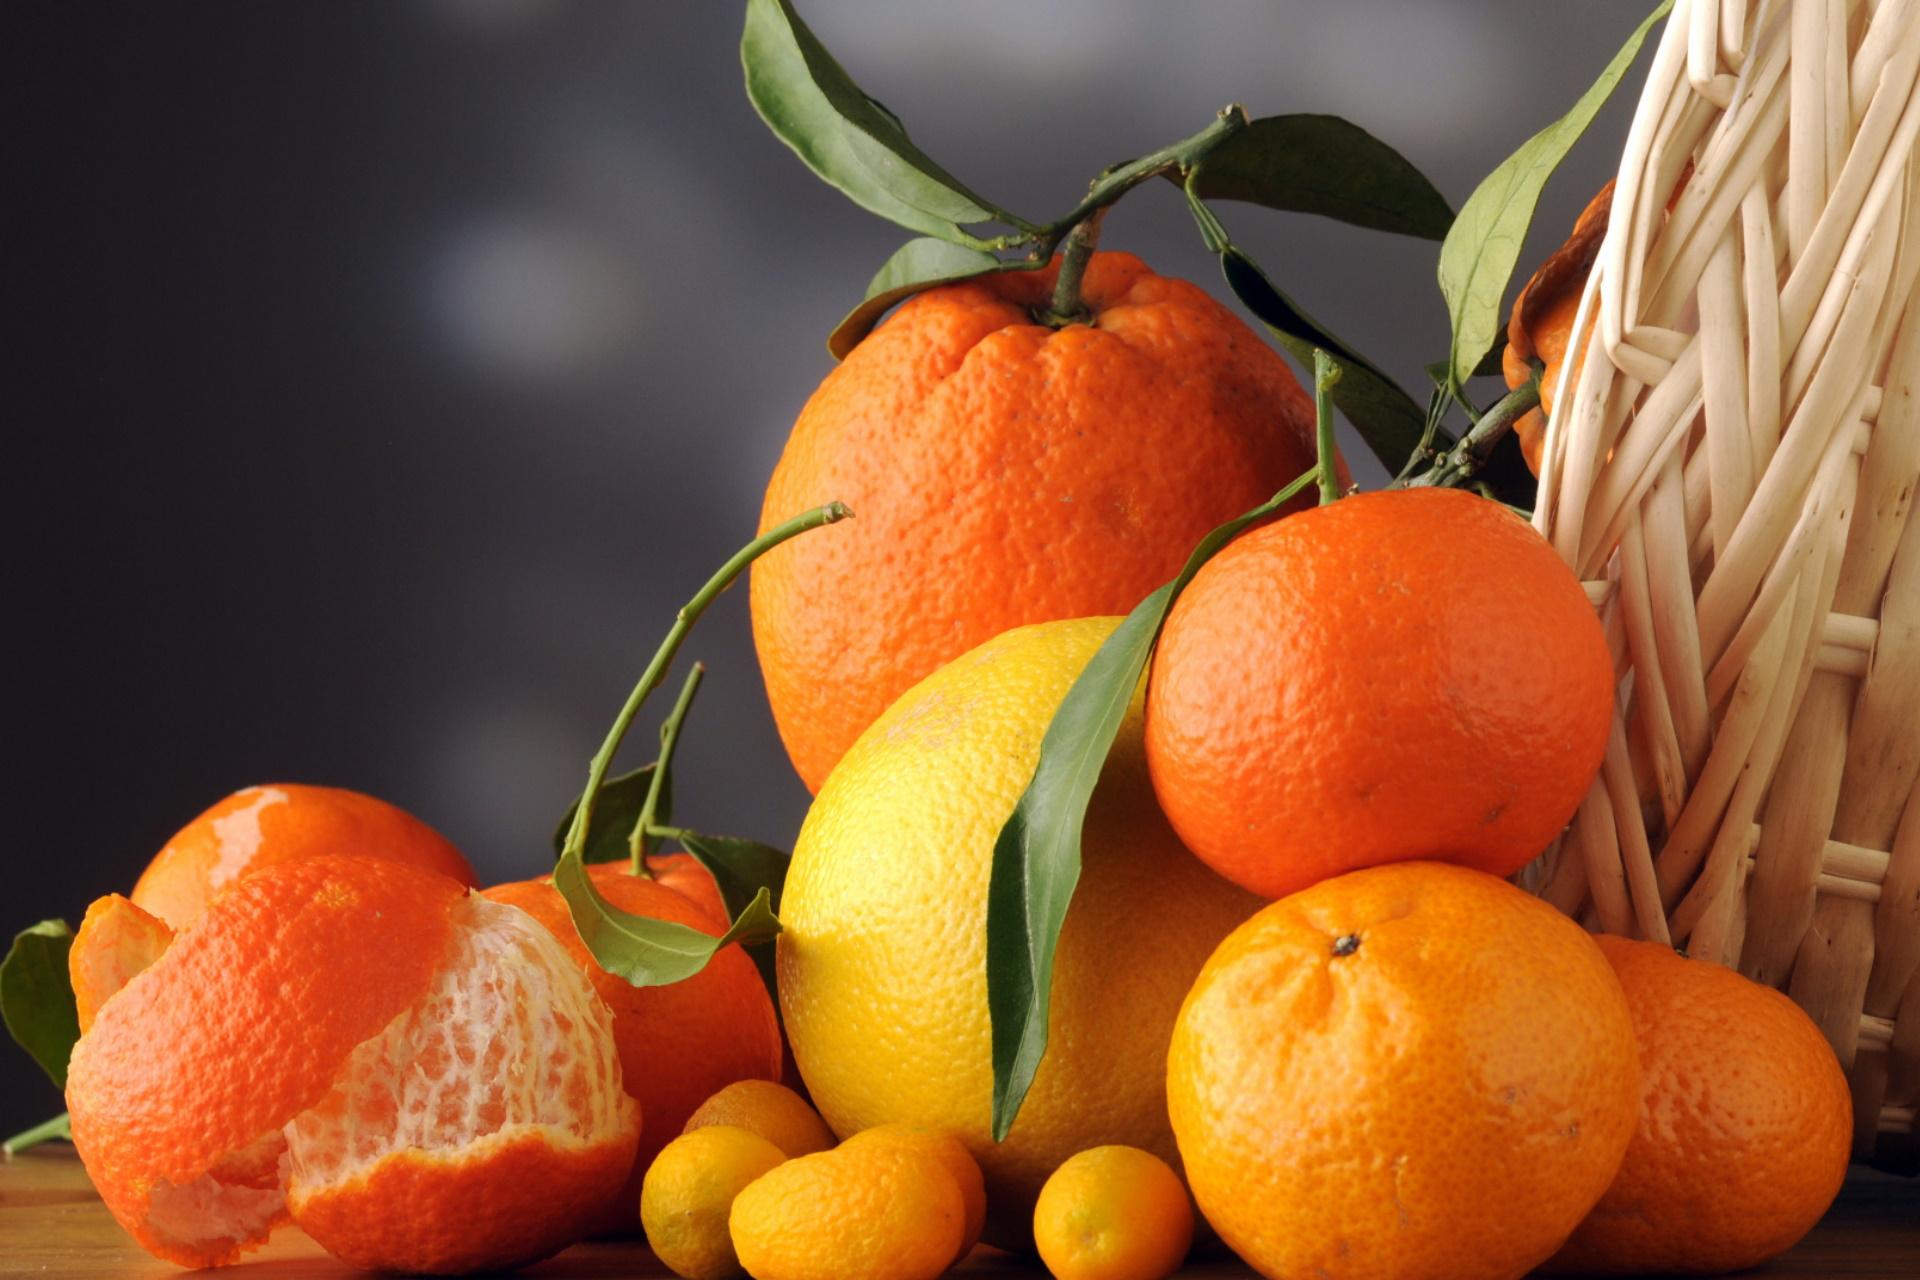 Цитрусовые продукты для здоровья кожи